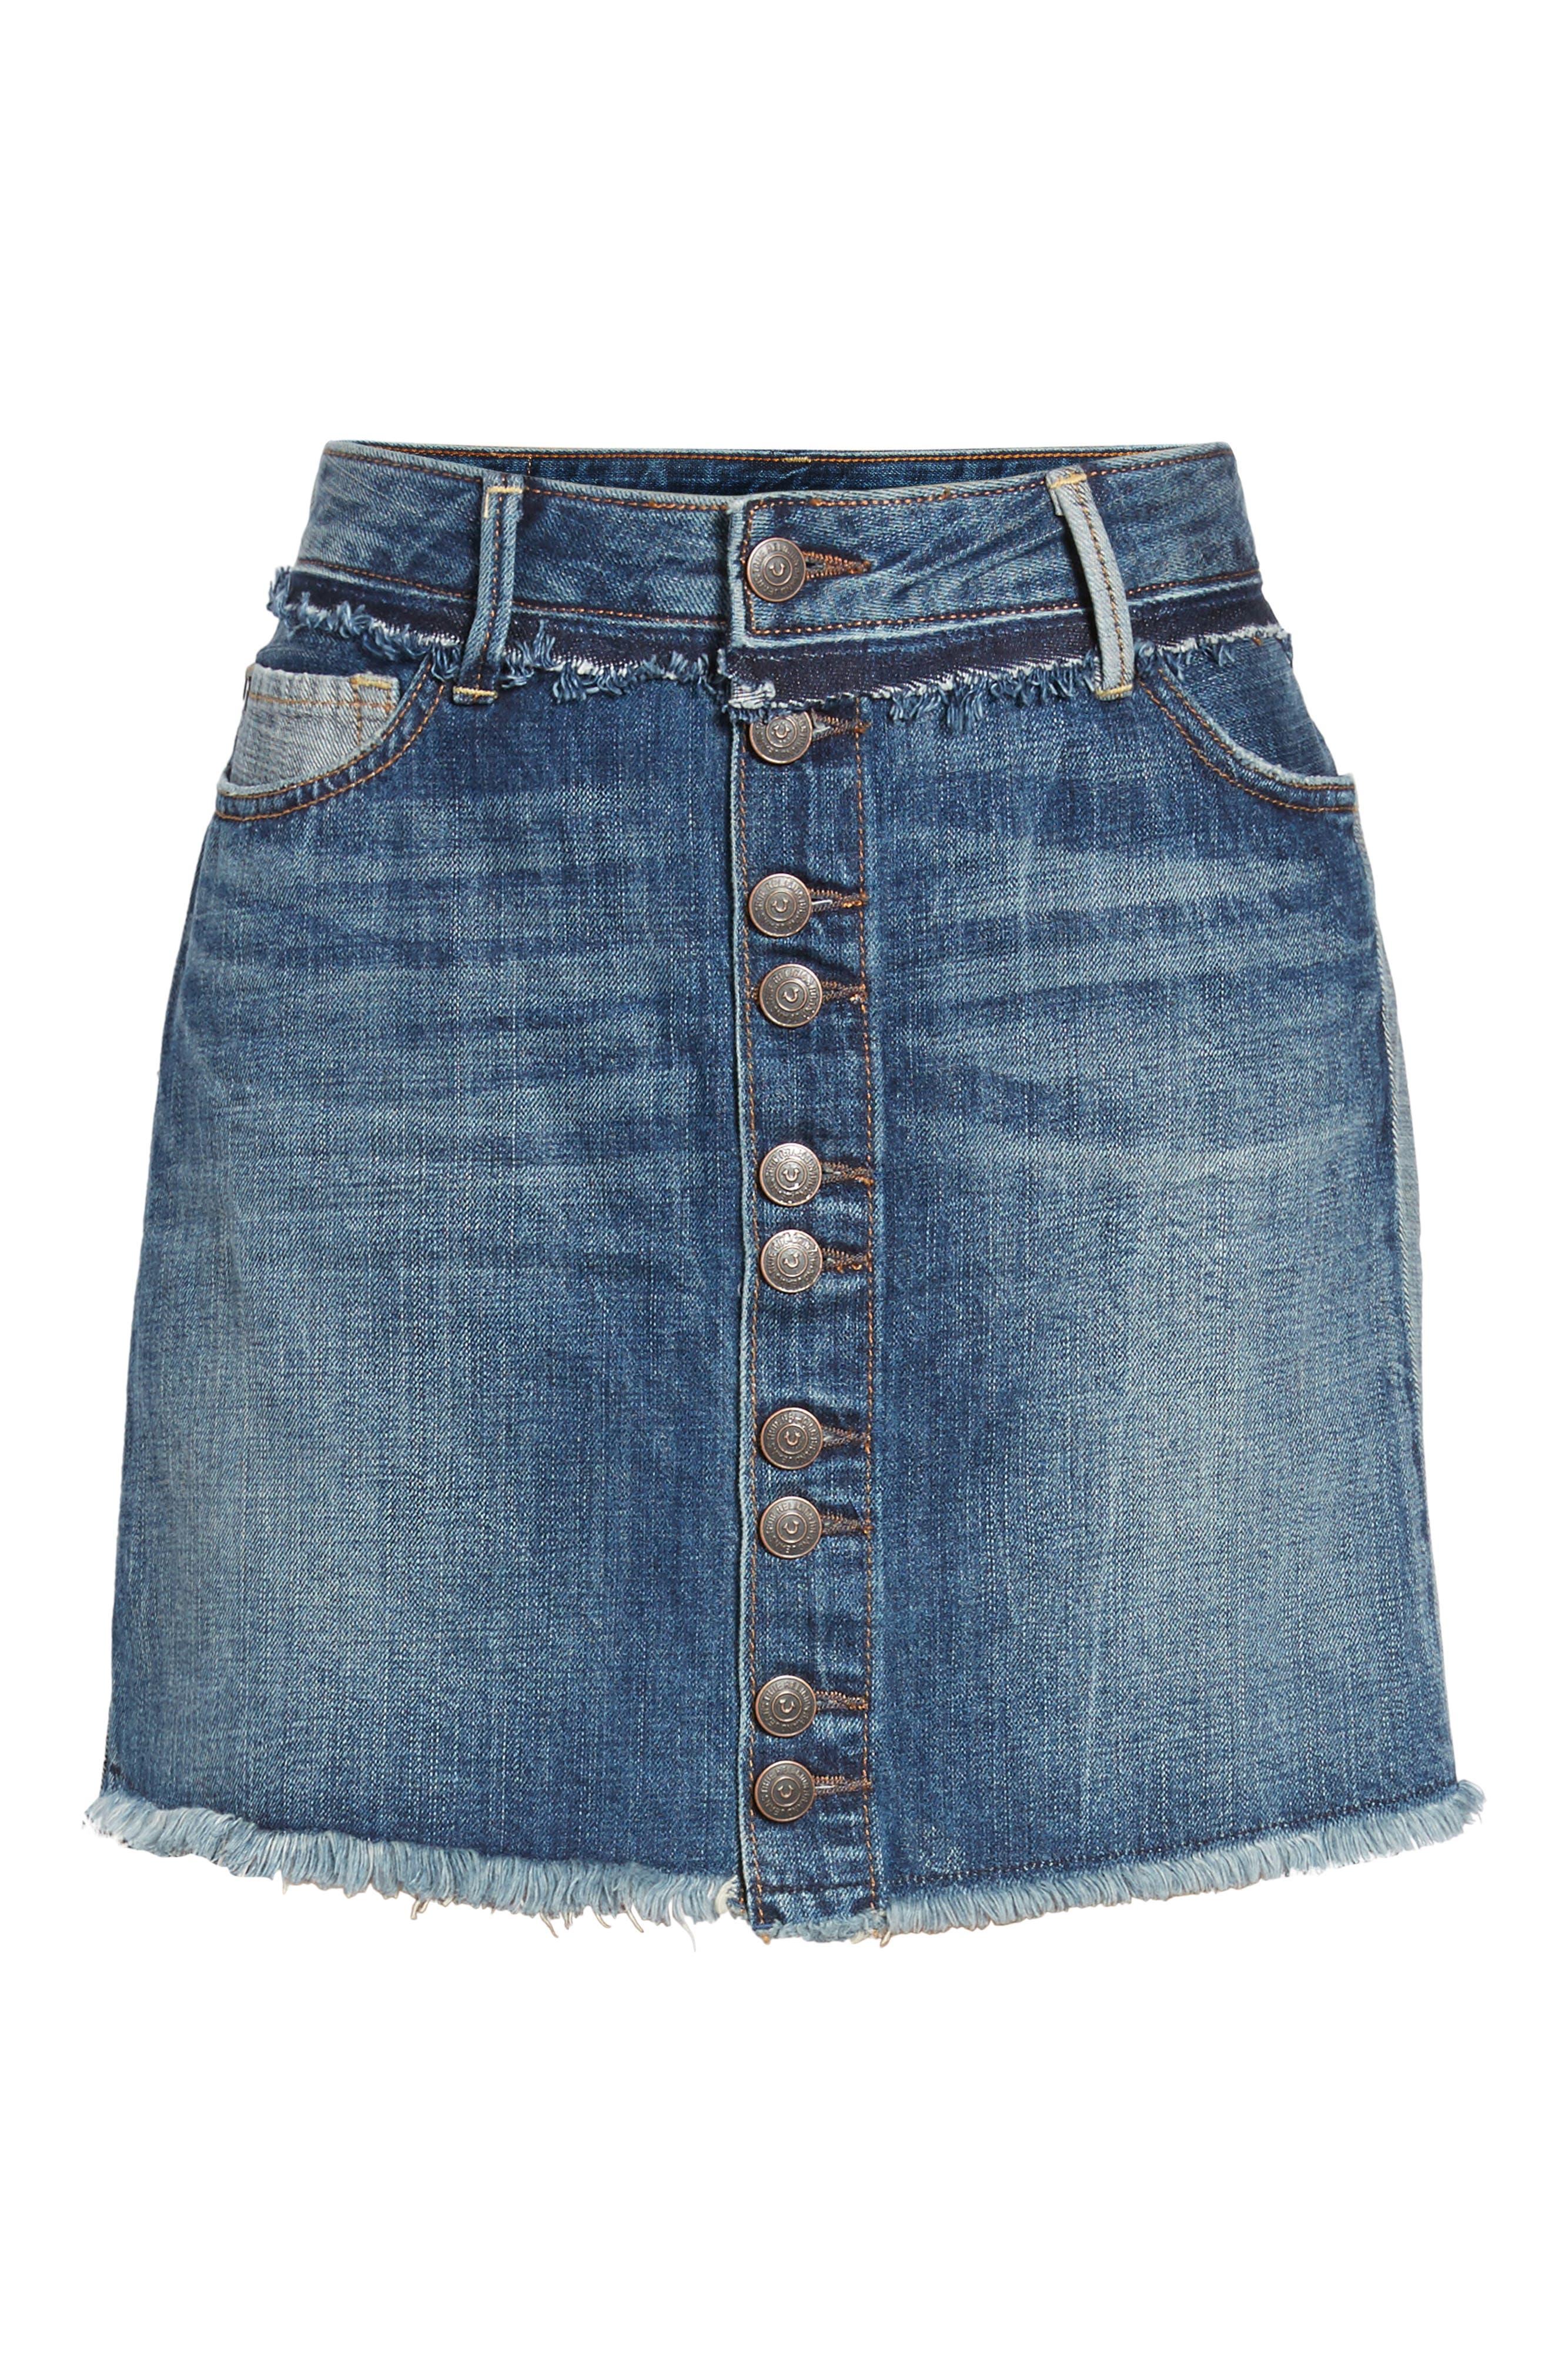 Deconstructed Denim Skirt,                             Alternate thumbnail 6, color,                             401